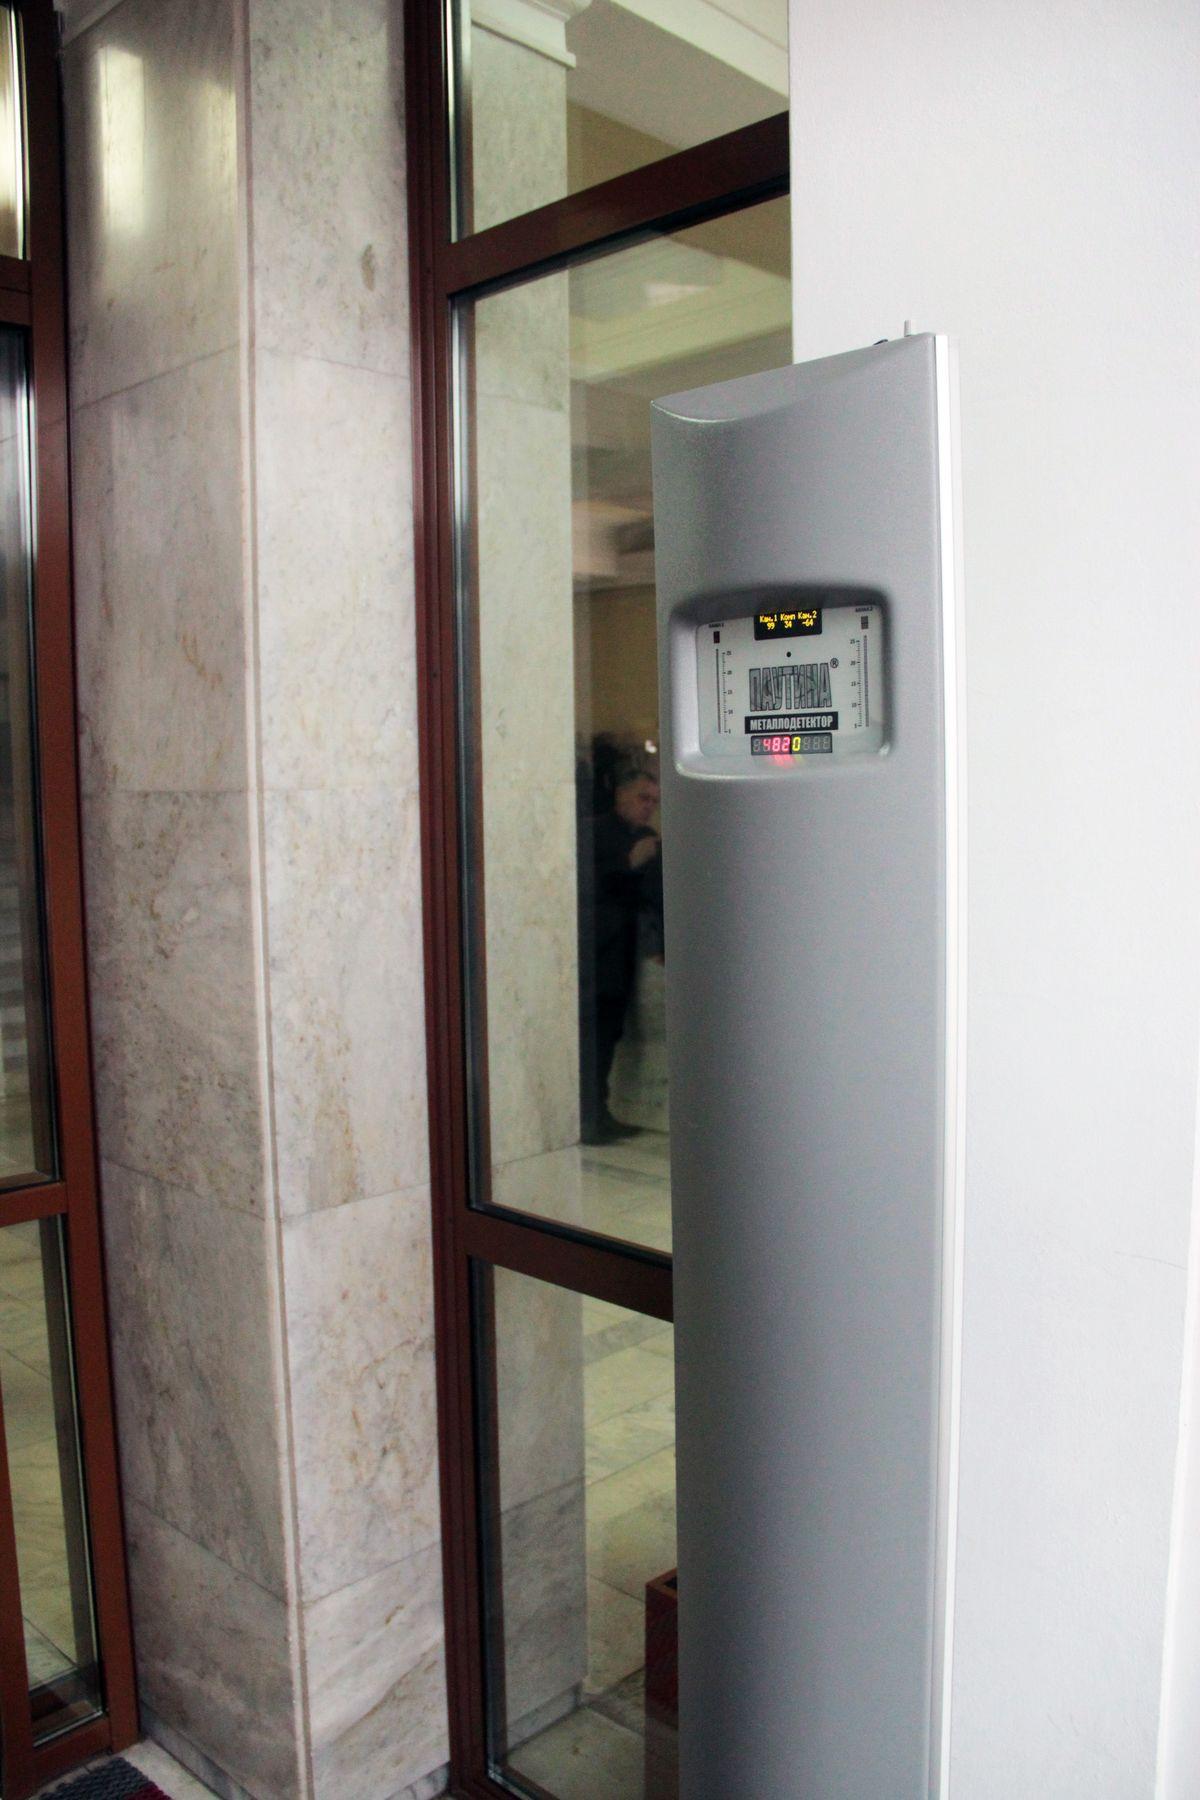 Металлодетектор у входной двери в горисполком. Фото: Юрий ПИВОВАРЧИК